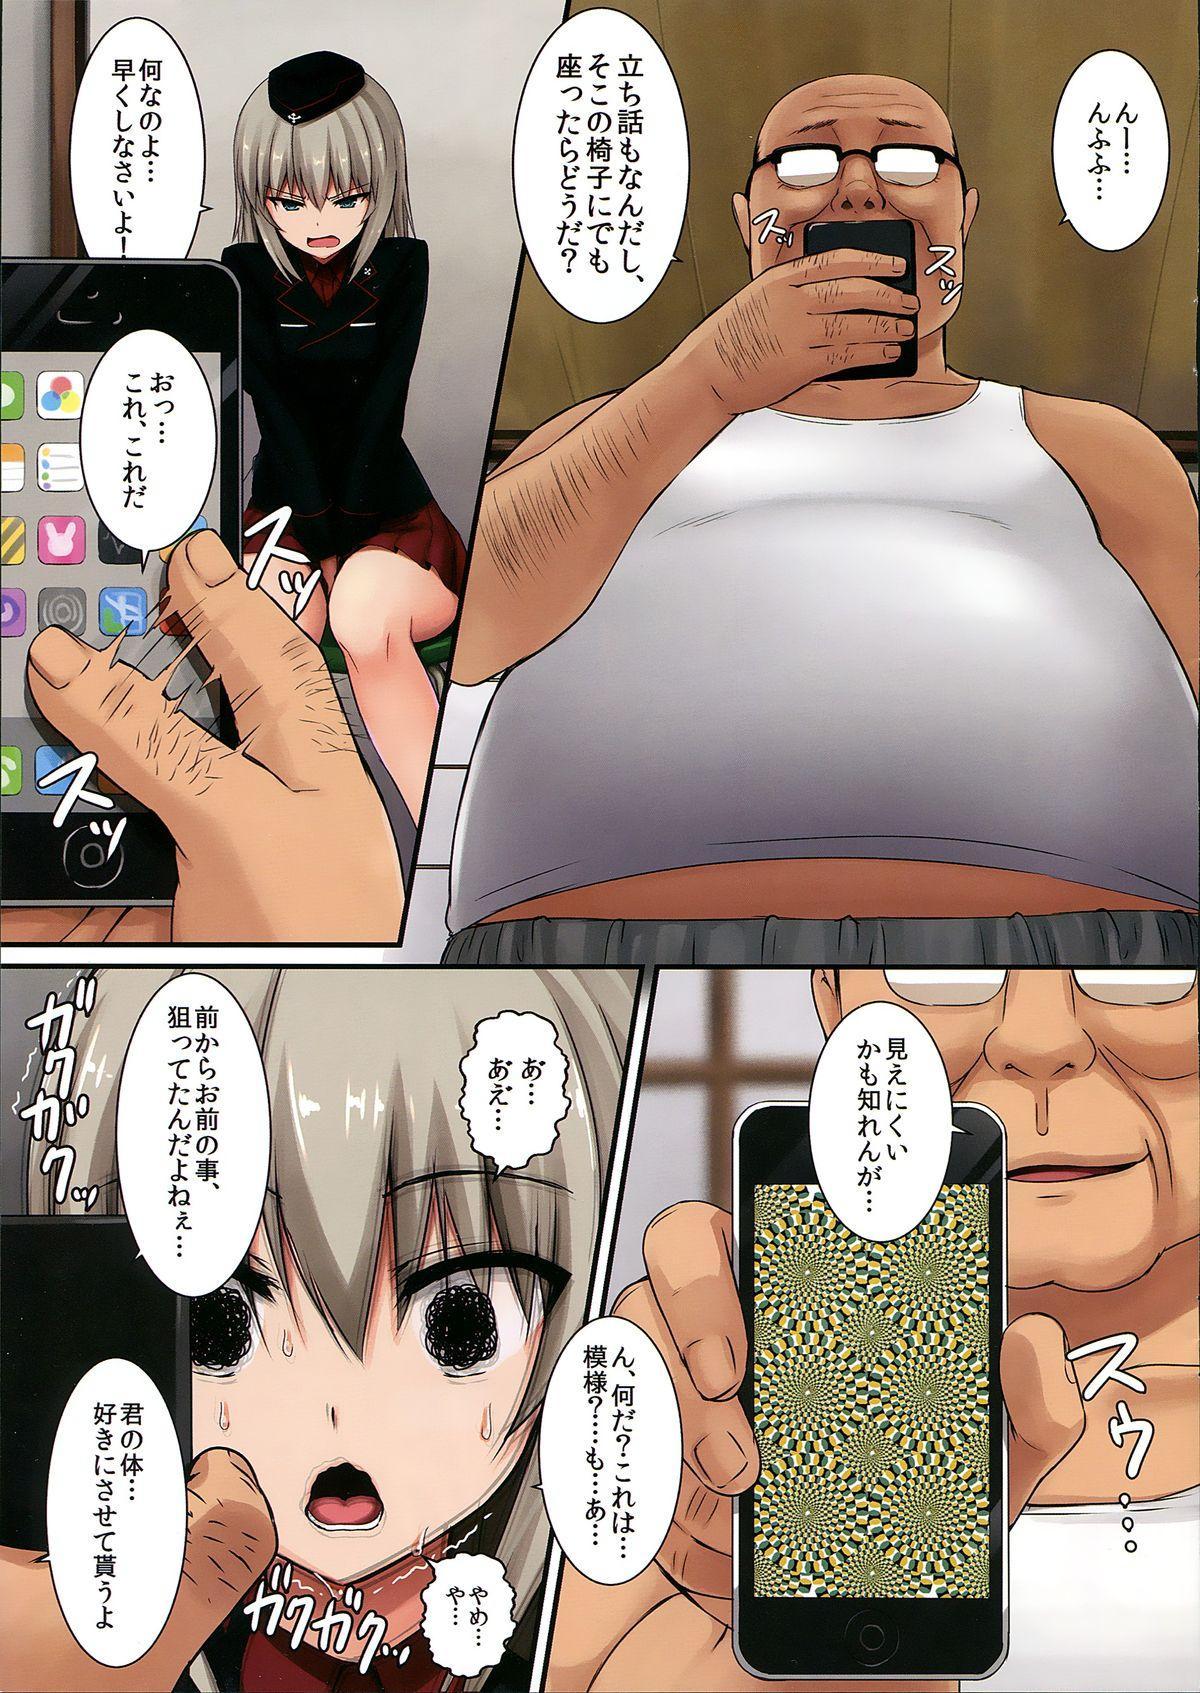 Erika-sama no Saimin Kaihatsu 4